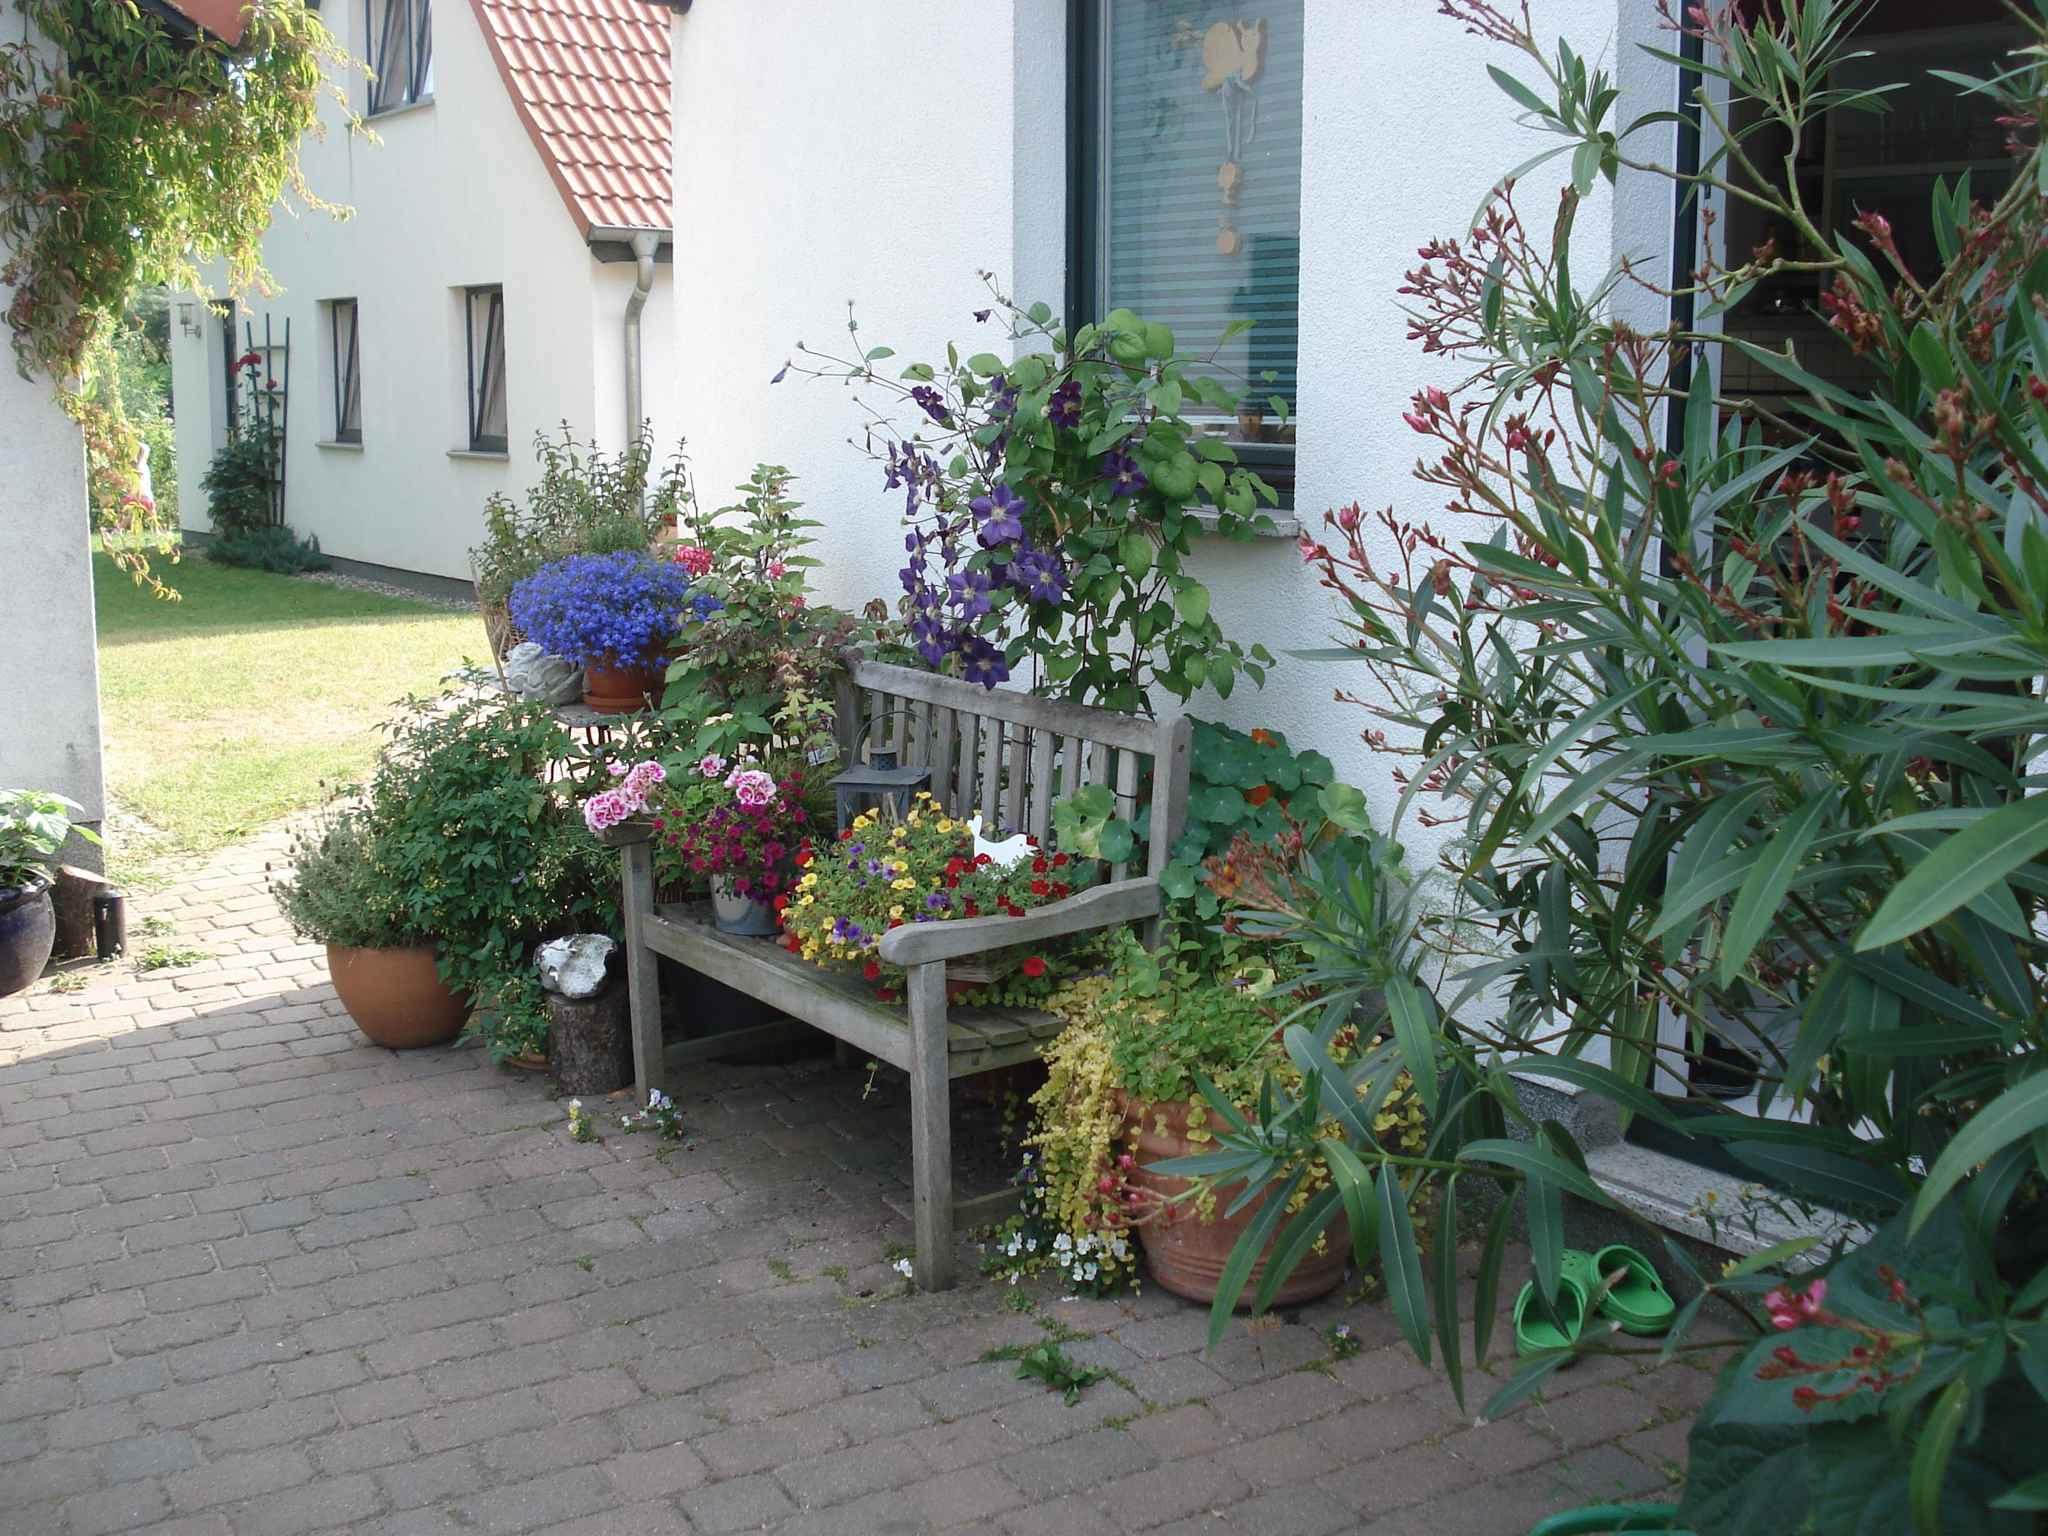 Ferienhaus mit Garten und Terrasse, 800 m zum Strand (314511), Gustow, Rügen, Mecklenburg-Vorpommern, Deutschland, Bild 2